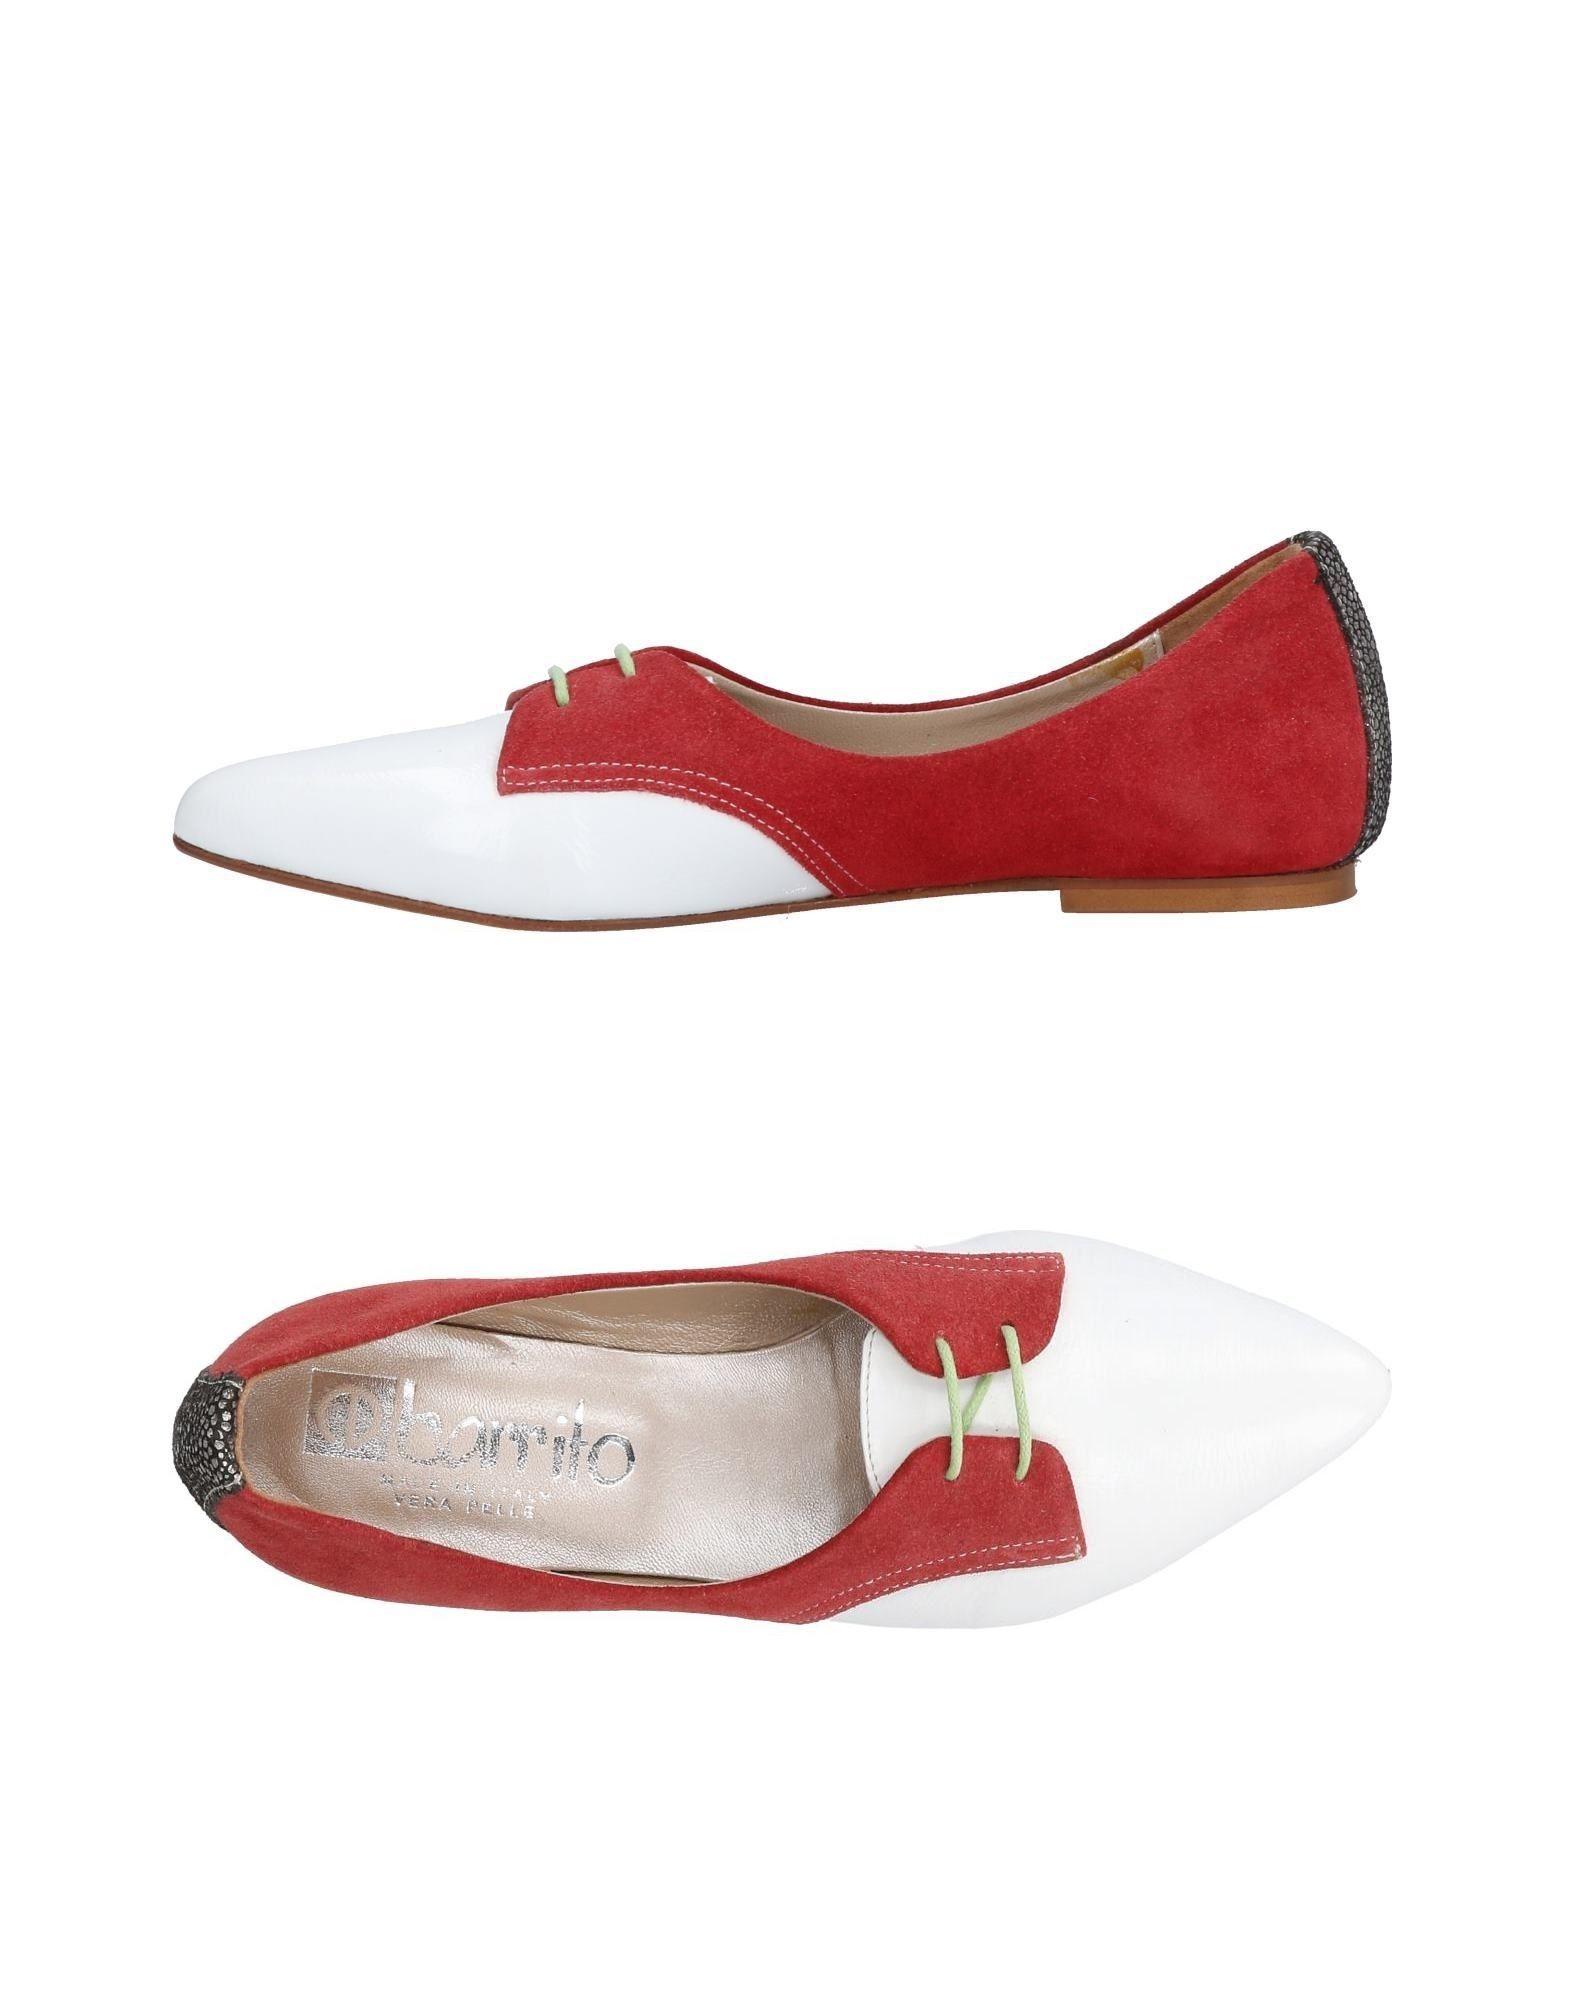 Moda Mocassino Ebarrito Donna Donna Ebarrito - 11458543OI 7e67d8